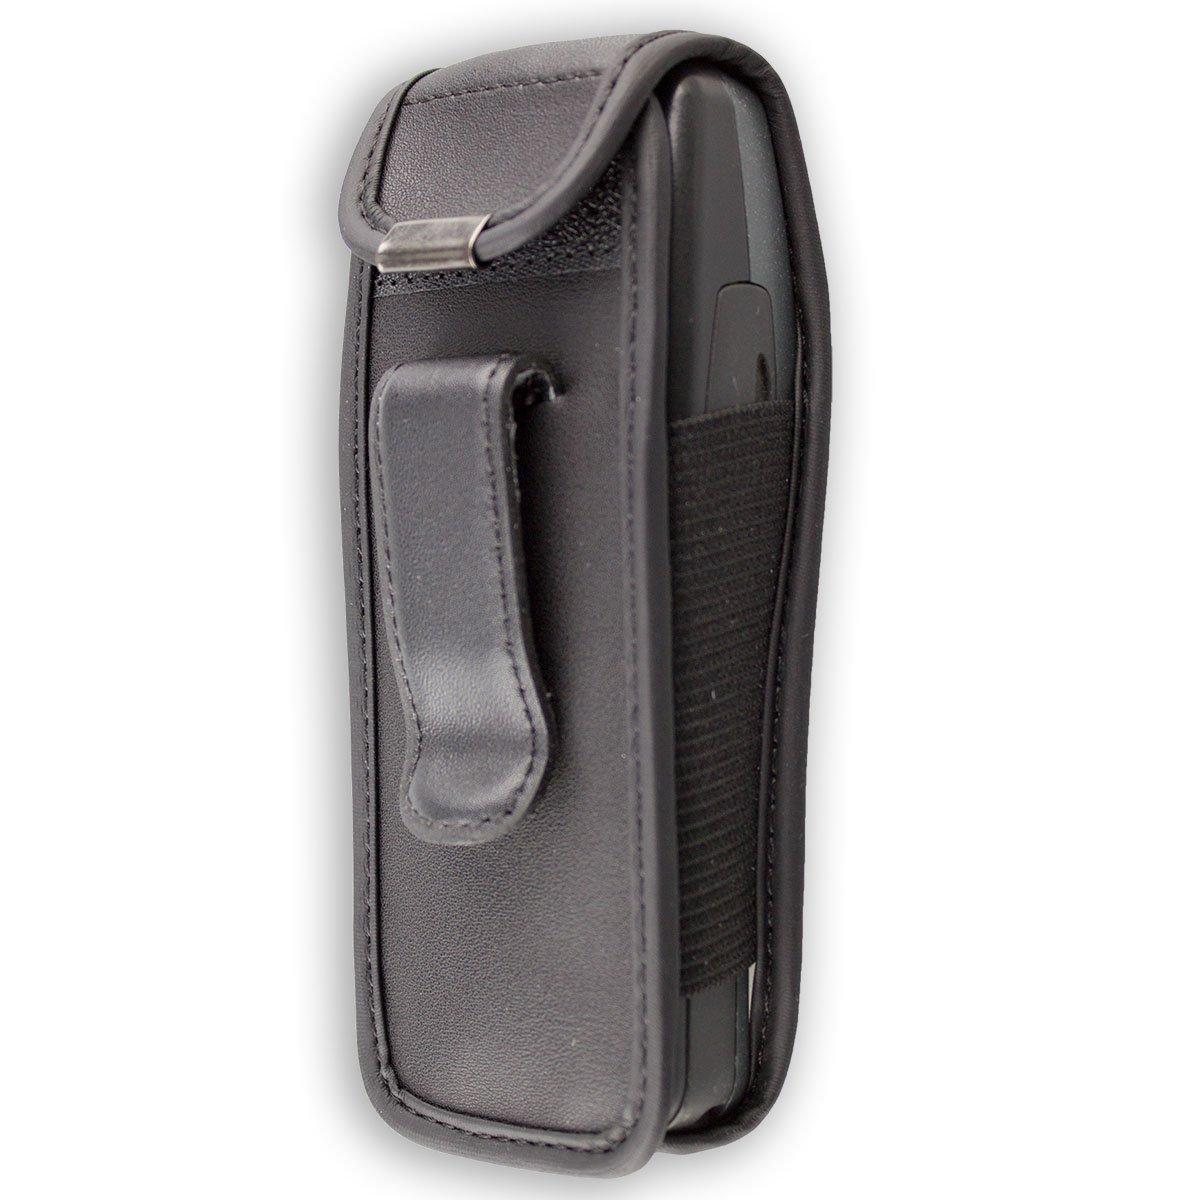 Funda Carcasa de Cuero Real en Negro caseroxx Bolsa de Cuero con Clip para el cintur/ón para Nokia 3210